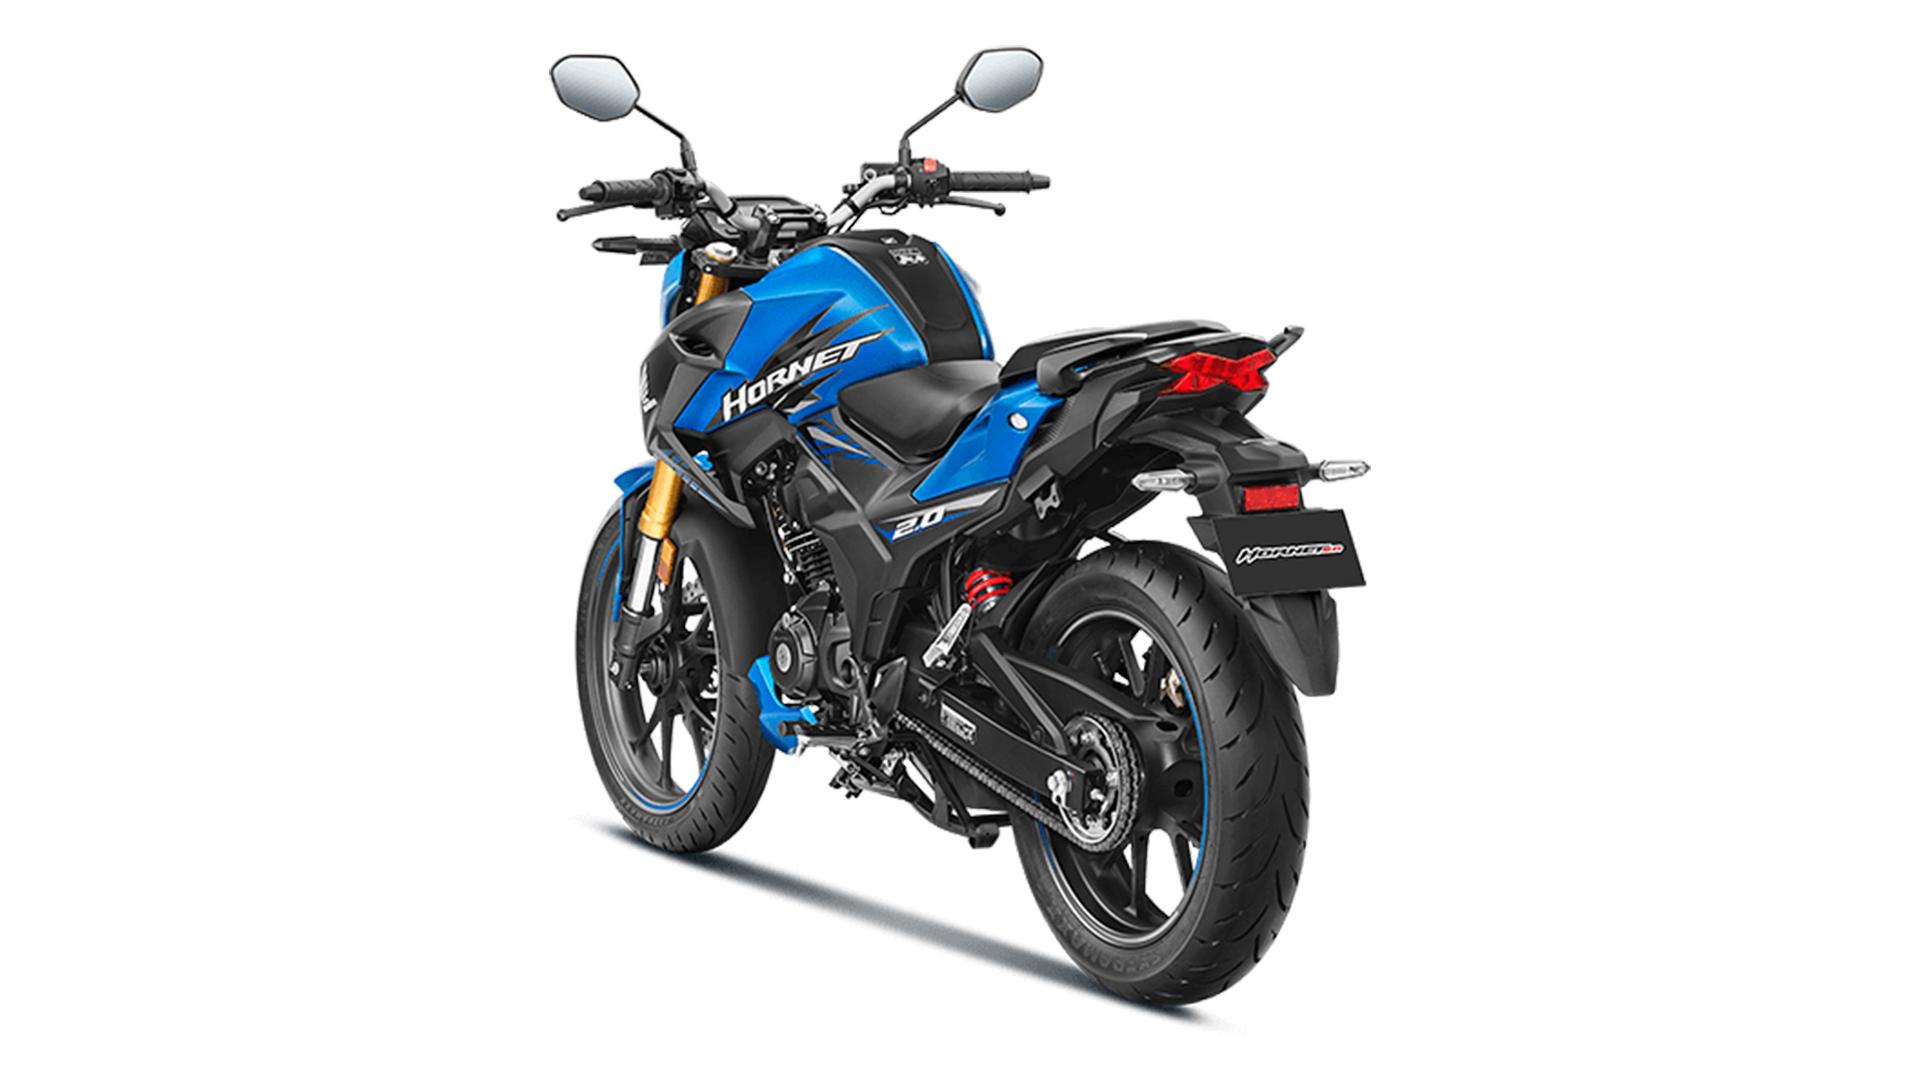 Honda Hornet 2.0 2020 STD